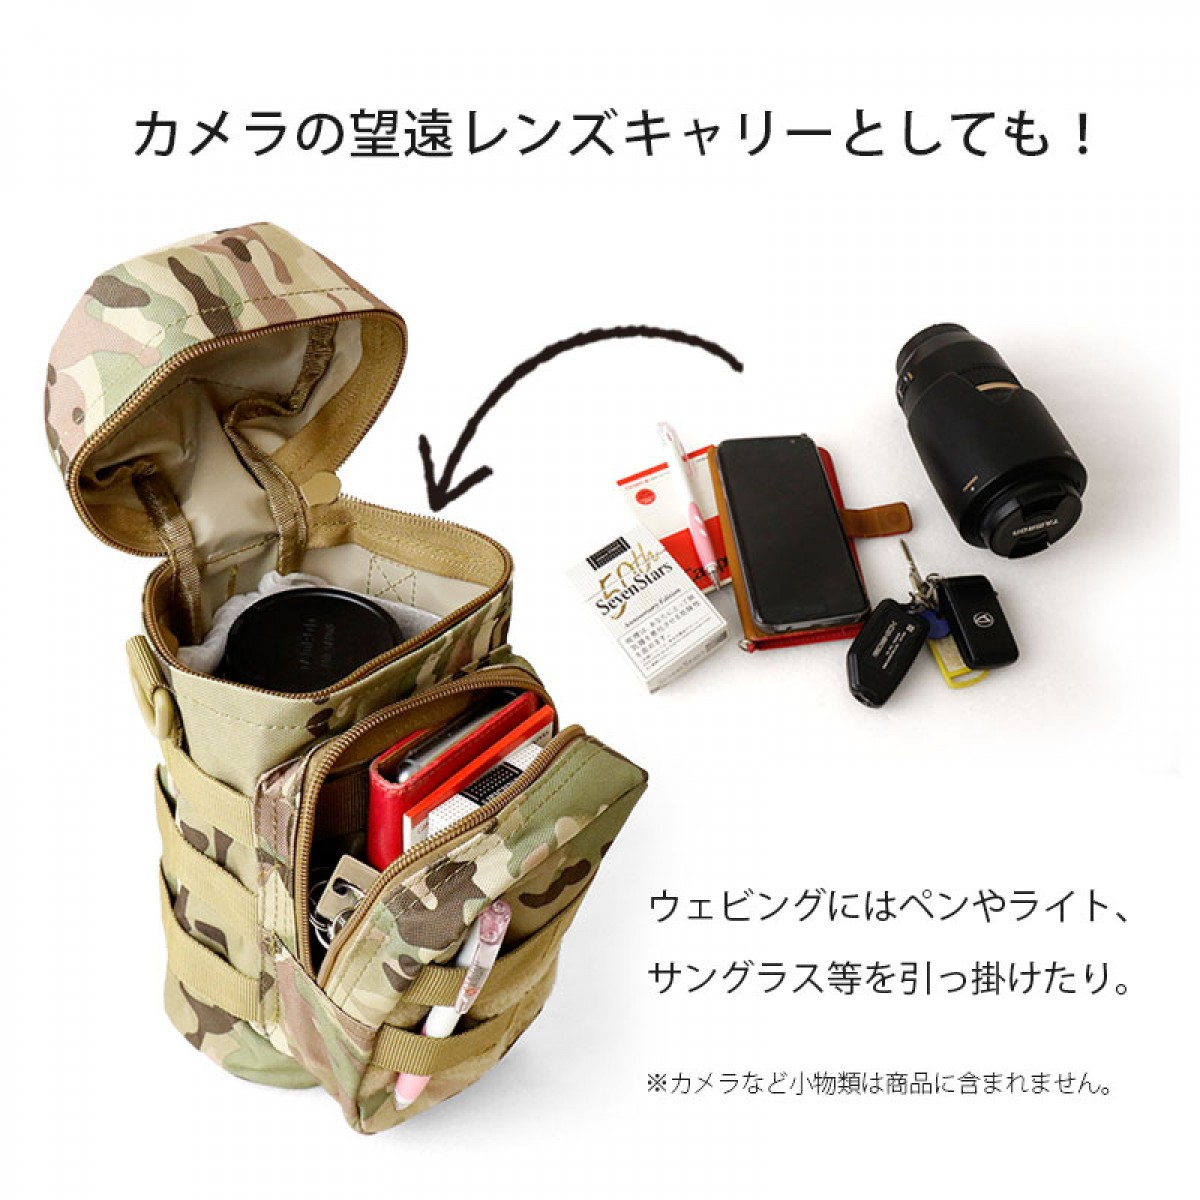 SHENKEL MOLLE ケトルバッグ ボトル ポーチ ウォーターボトル ( BK/OD/TAN/MC ) 迷彩 アウトドア